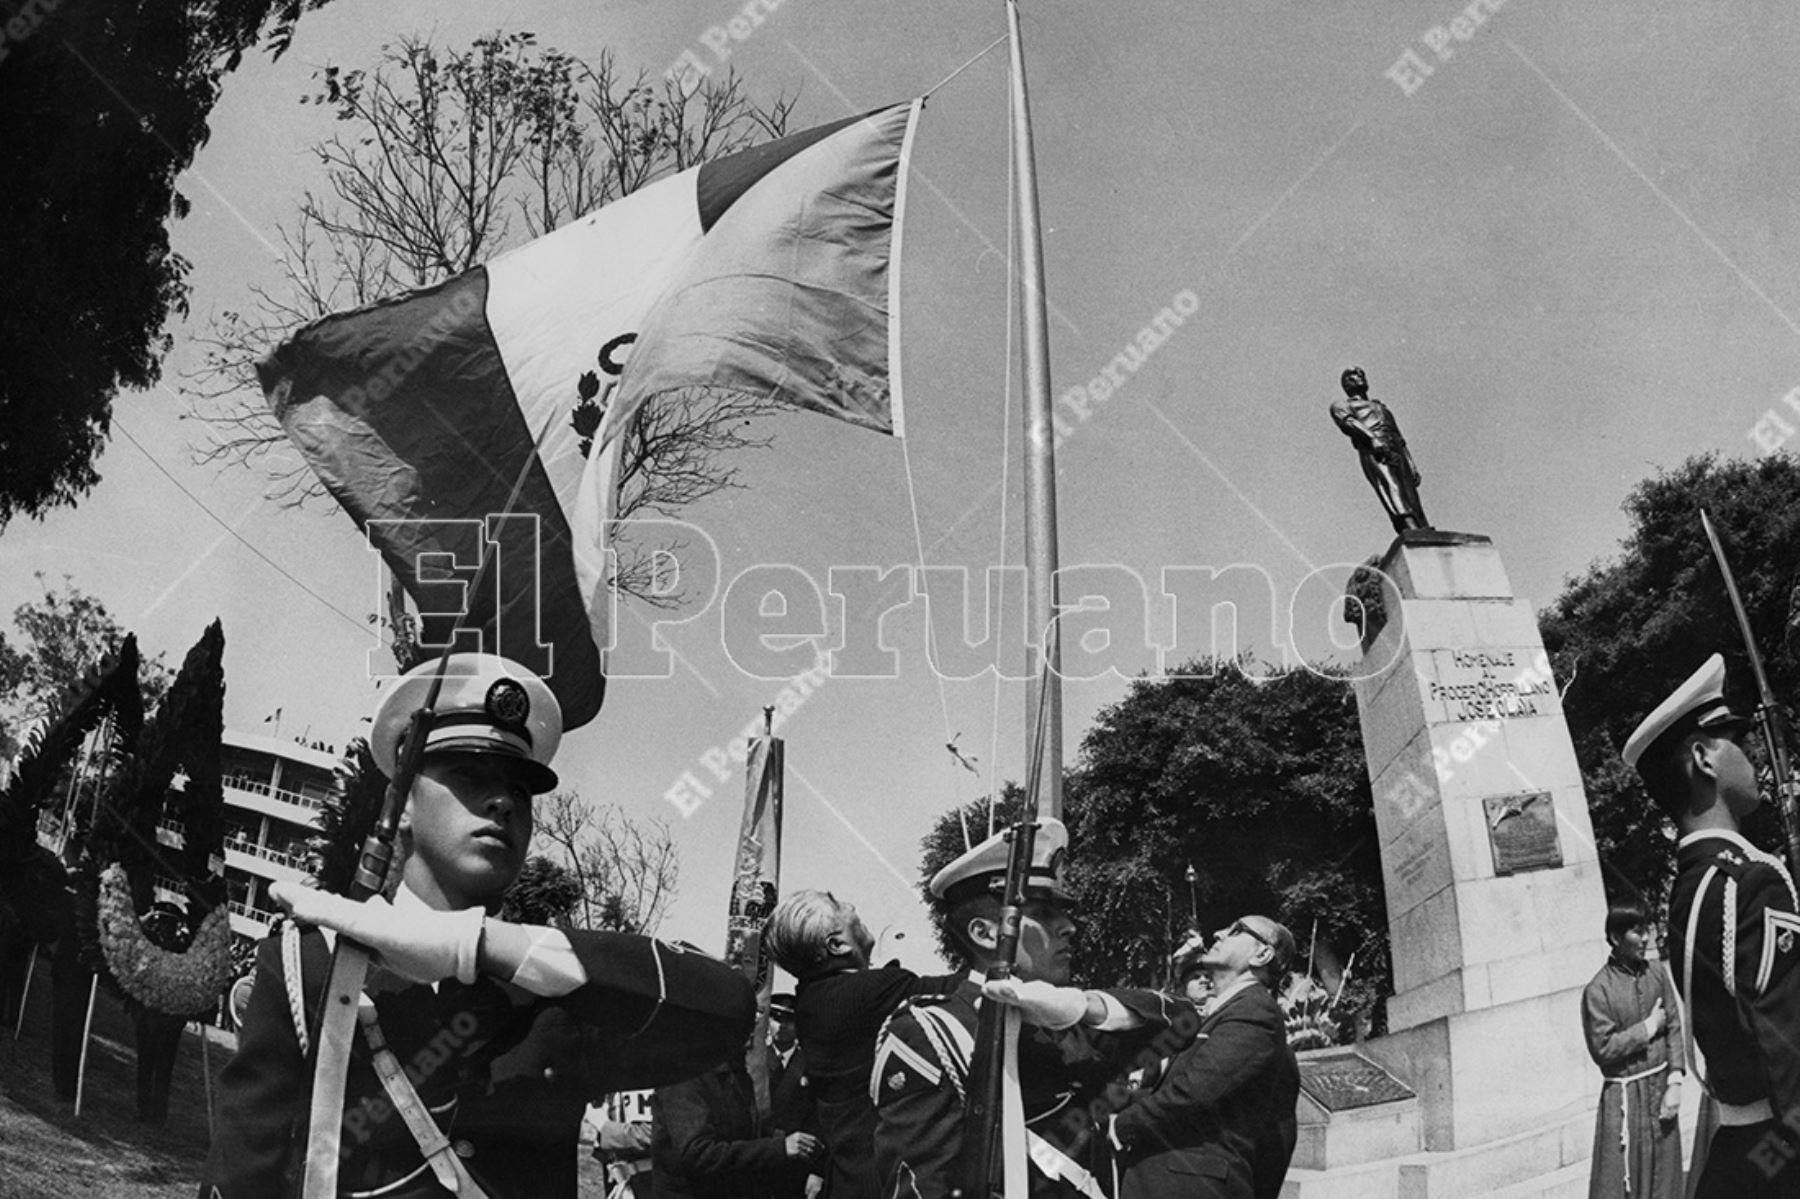 Lima - 29 junio 1975 / Las Fuerzas Armadas rinden homenaje al procer chorrillano José Olaya.   Foto: Archivo Histórico de El Peruano / Rolando Ángeles